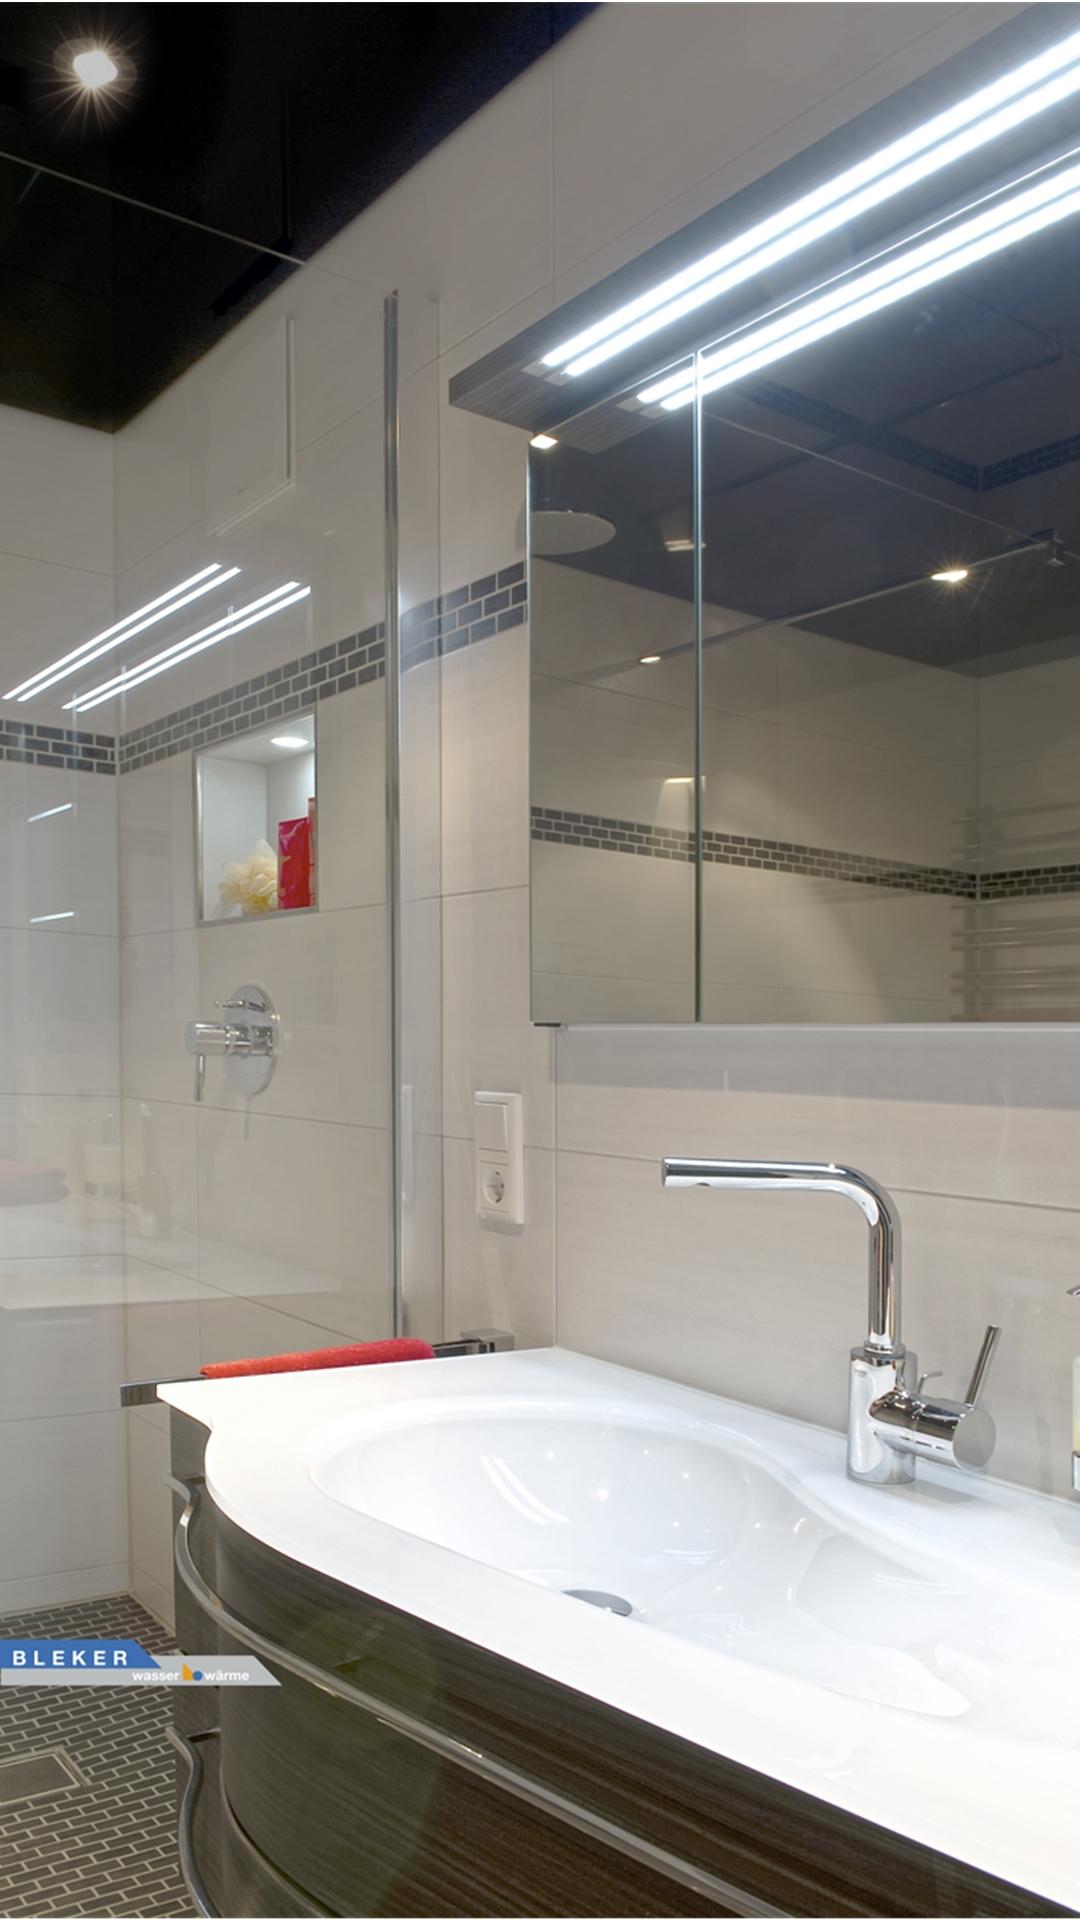 Waschtisch mit Glasbecken und Spiegelschrank